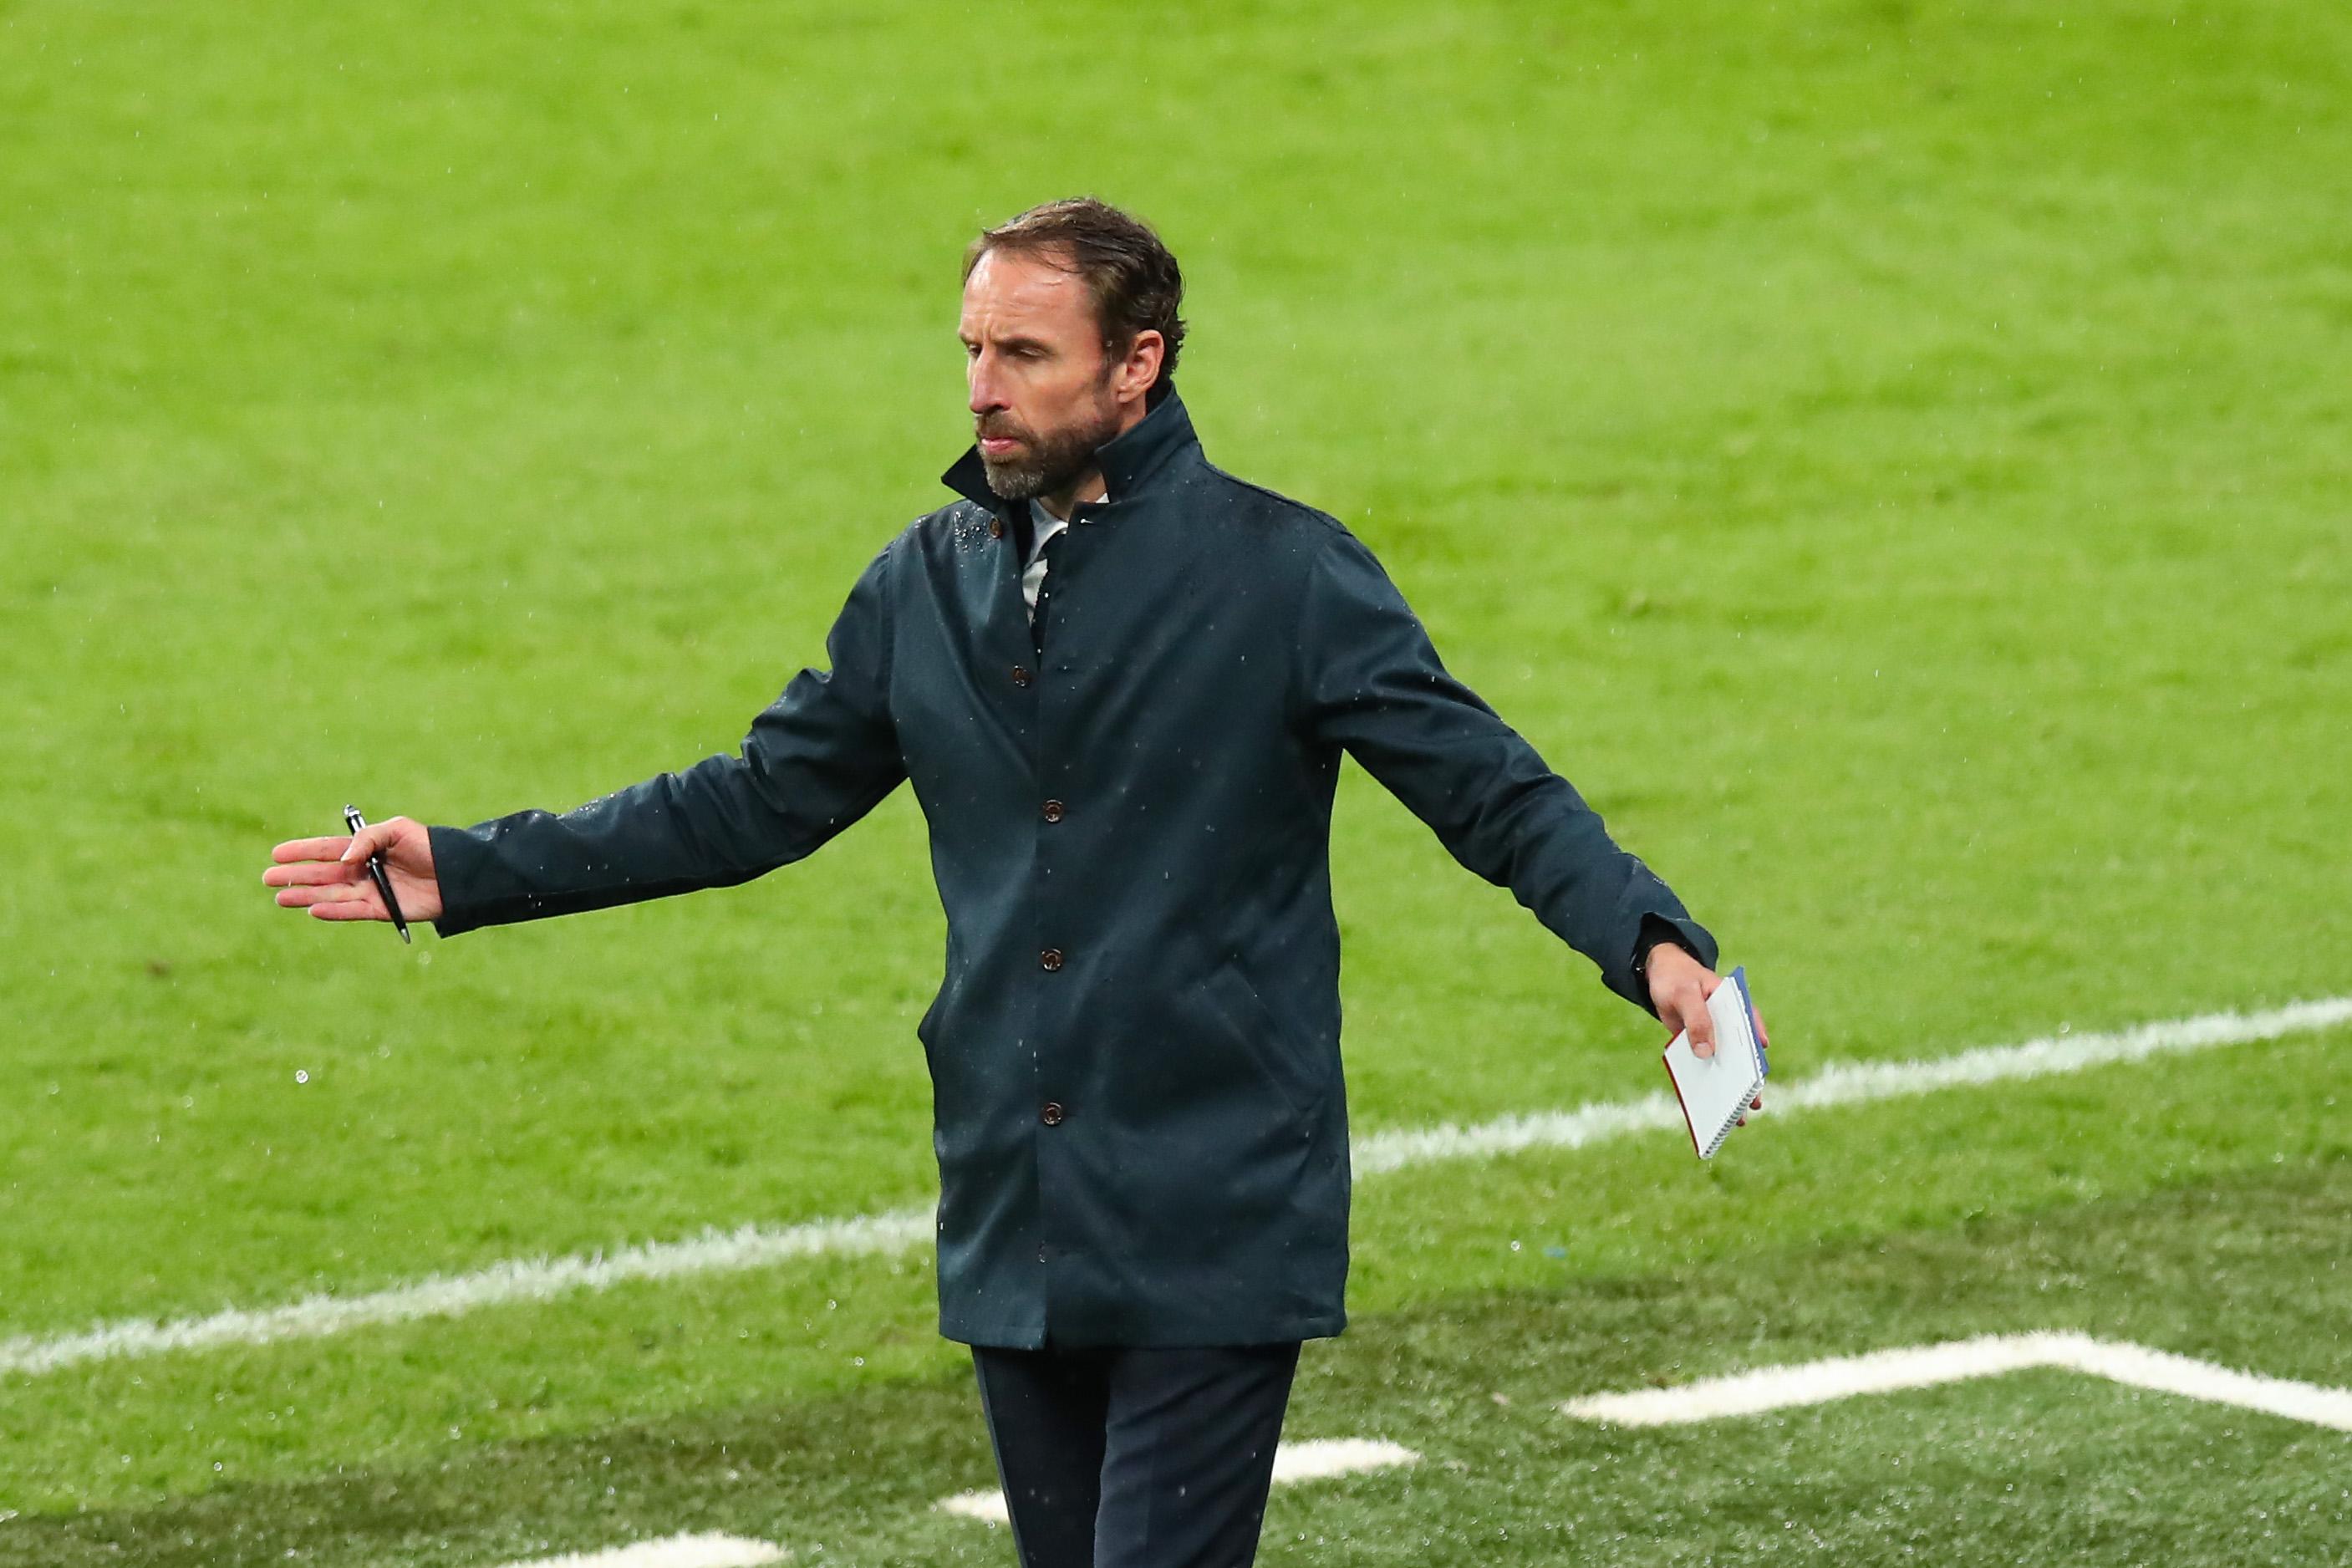 英格兰队主帅索斯盖特。